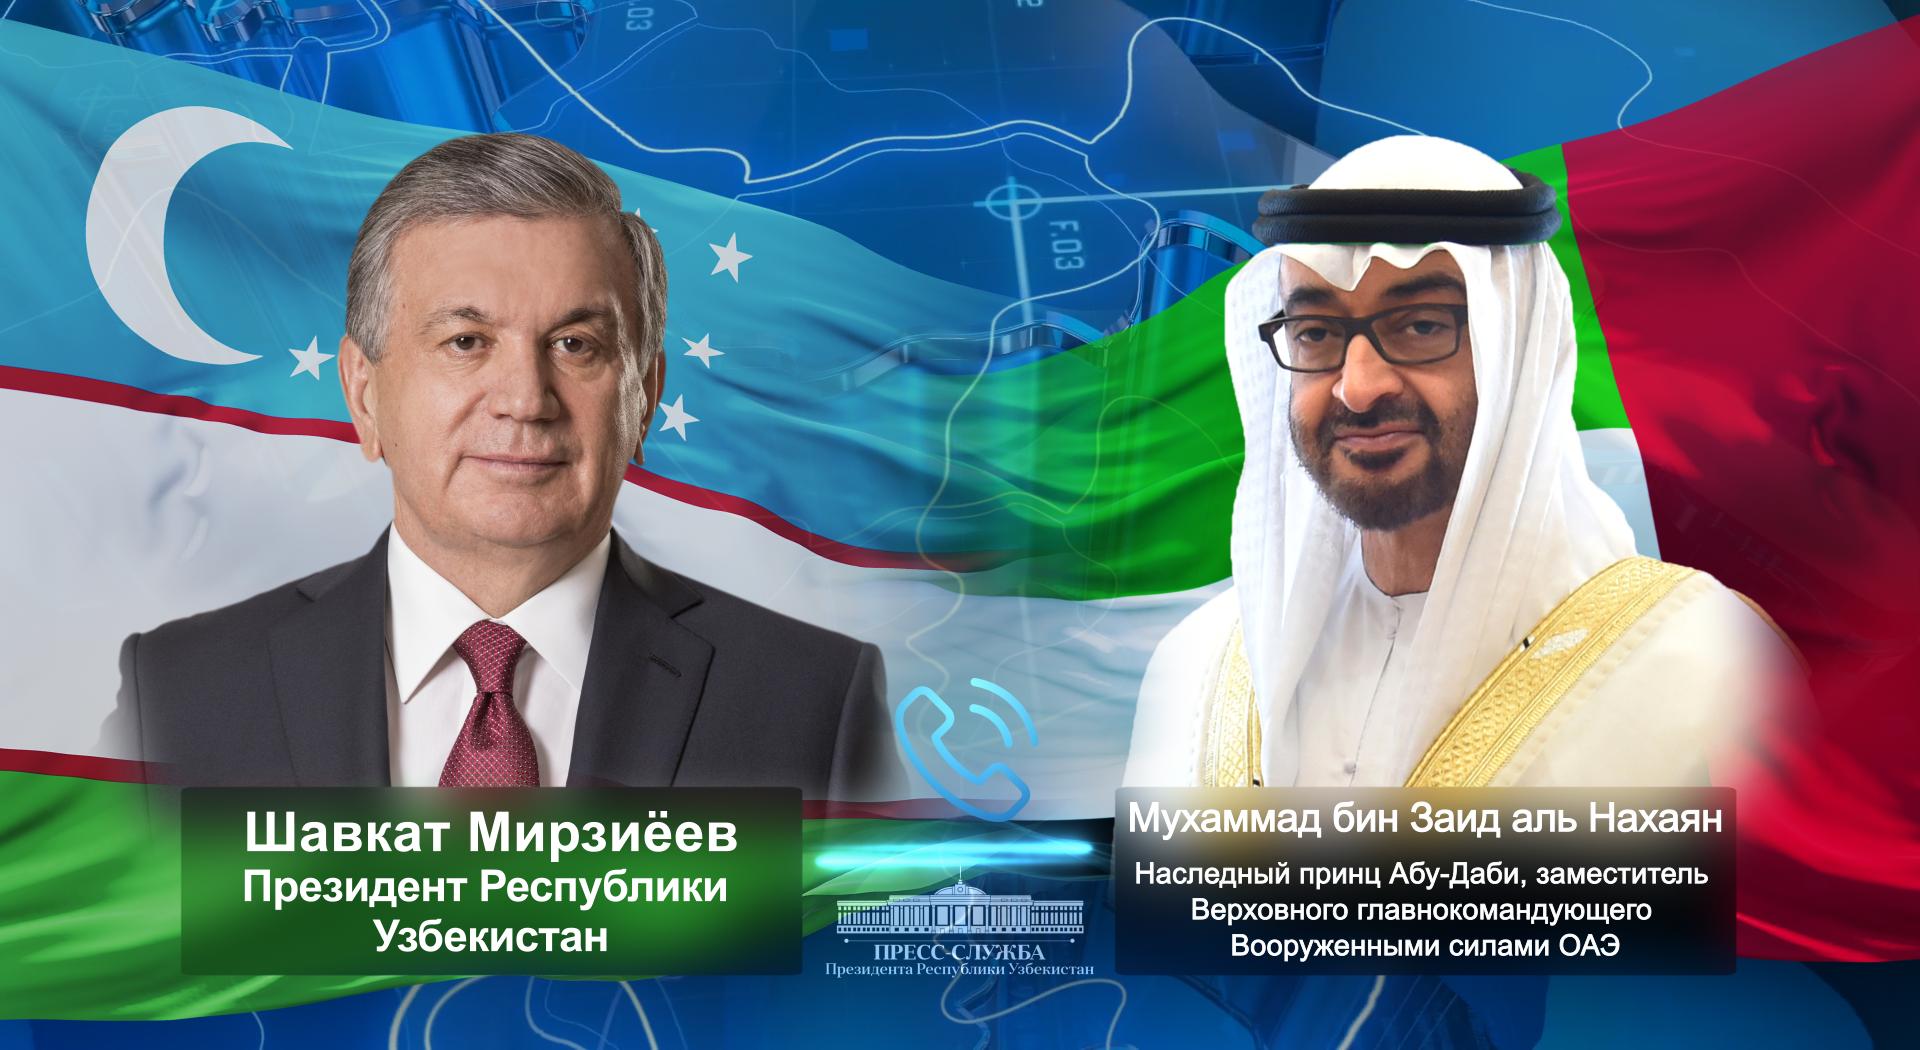 Шавкат Мирзиеев обсудил с Наследным принцем Абу-Даби меры по противодействию коронавирусу